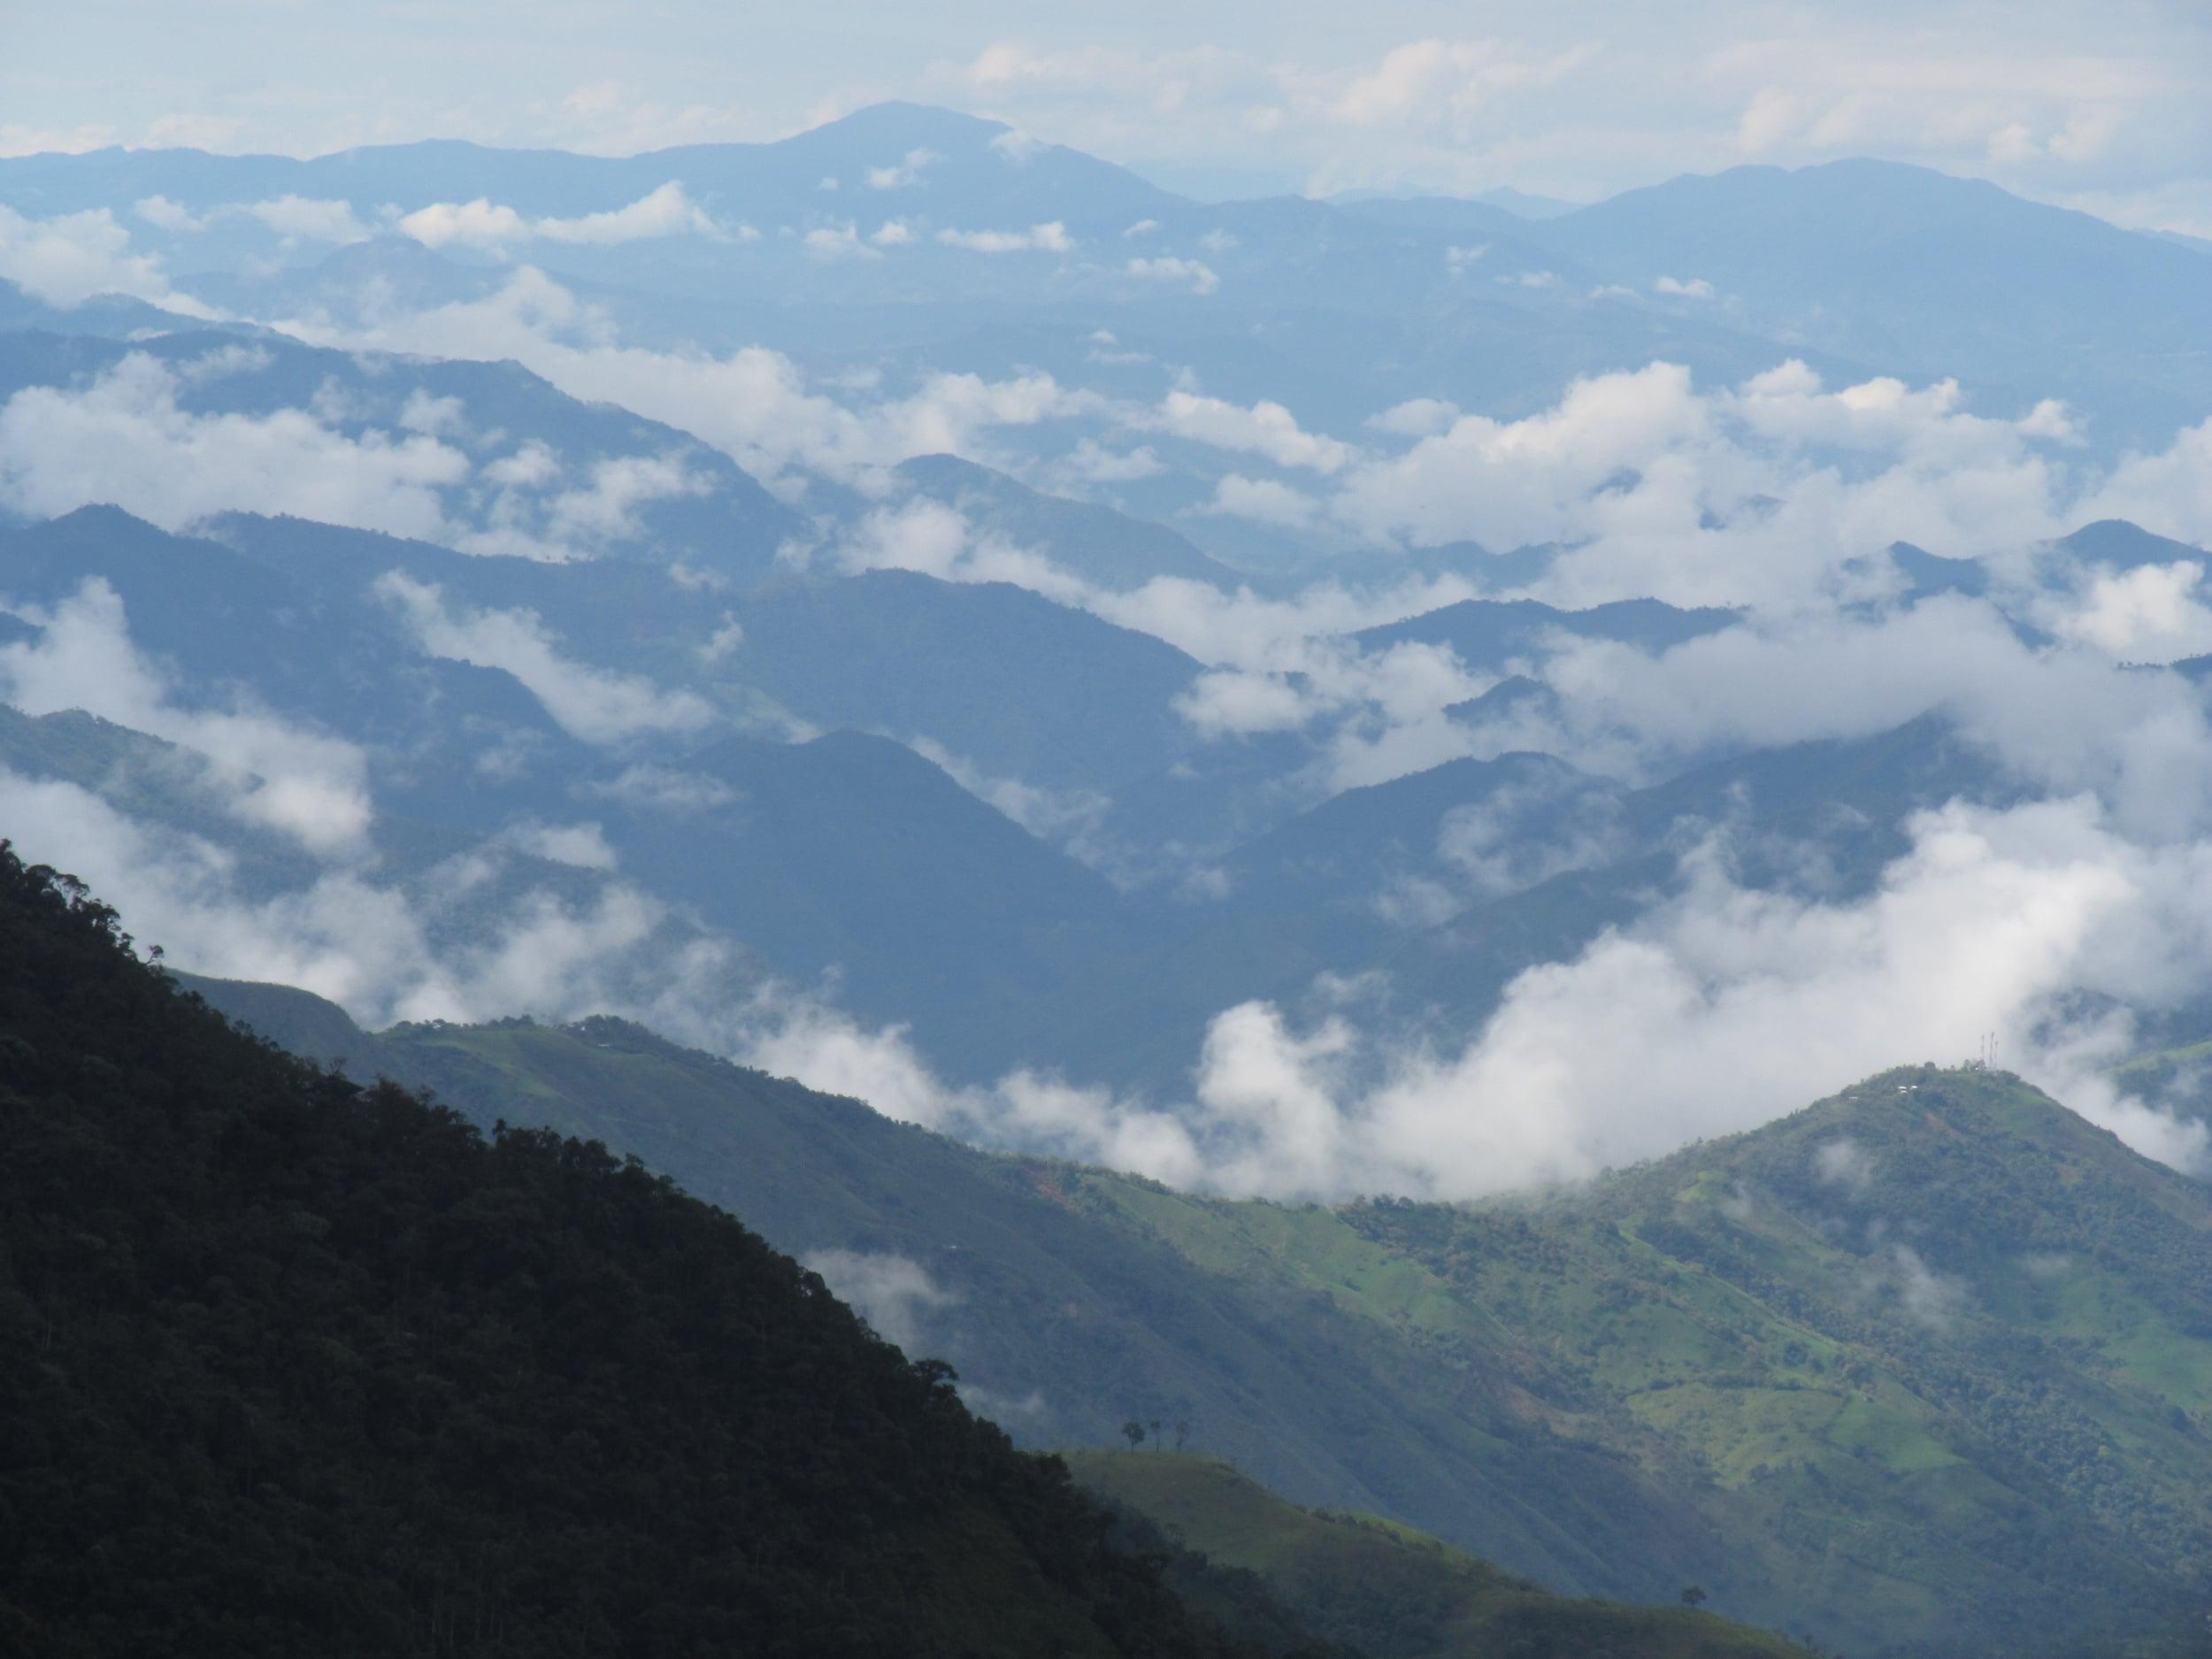 La jungla es muy diferente de los montañas pero todavía son hermosas.